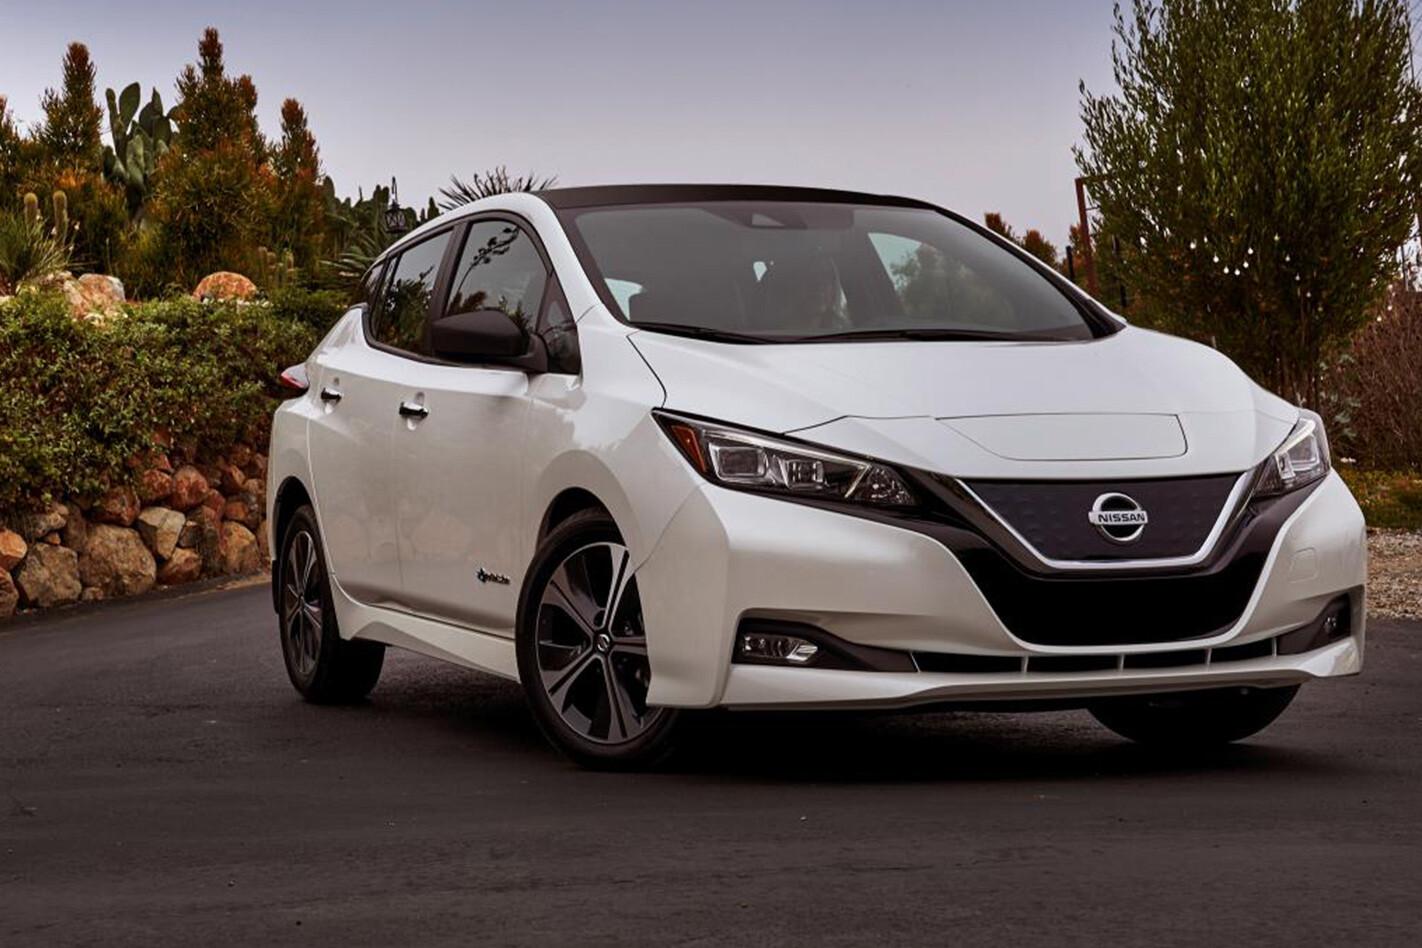 Nissan Leaf Front Qtr Jpg